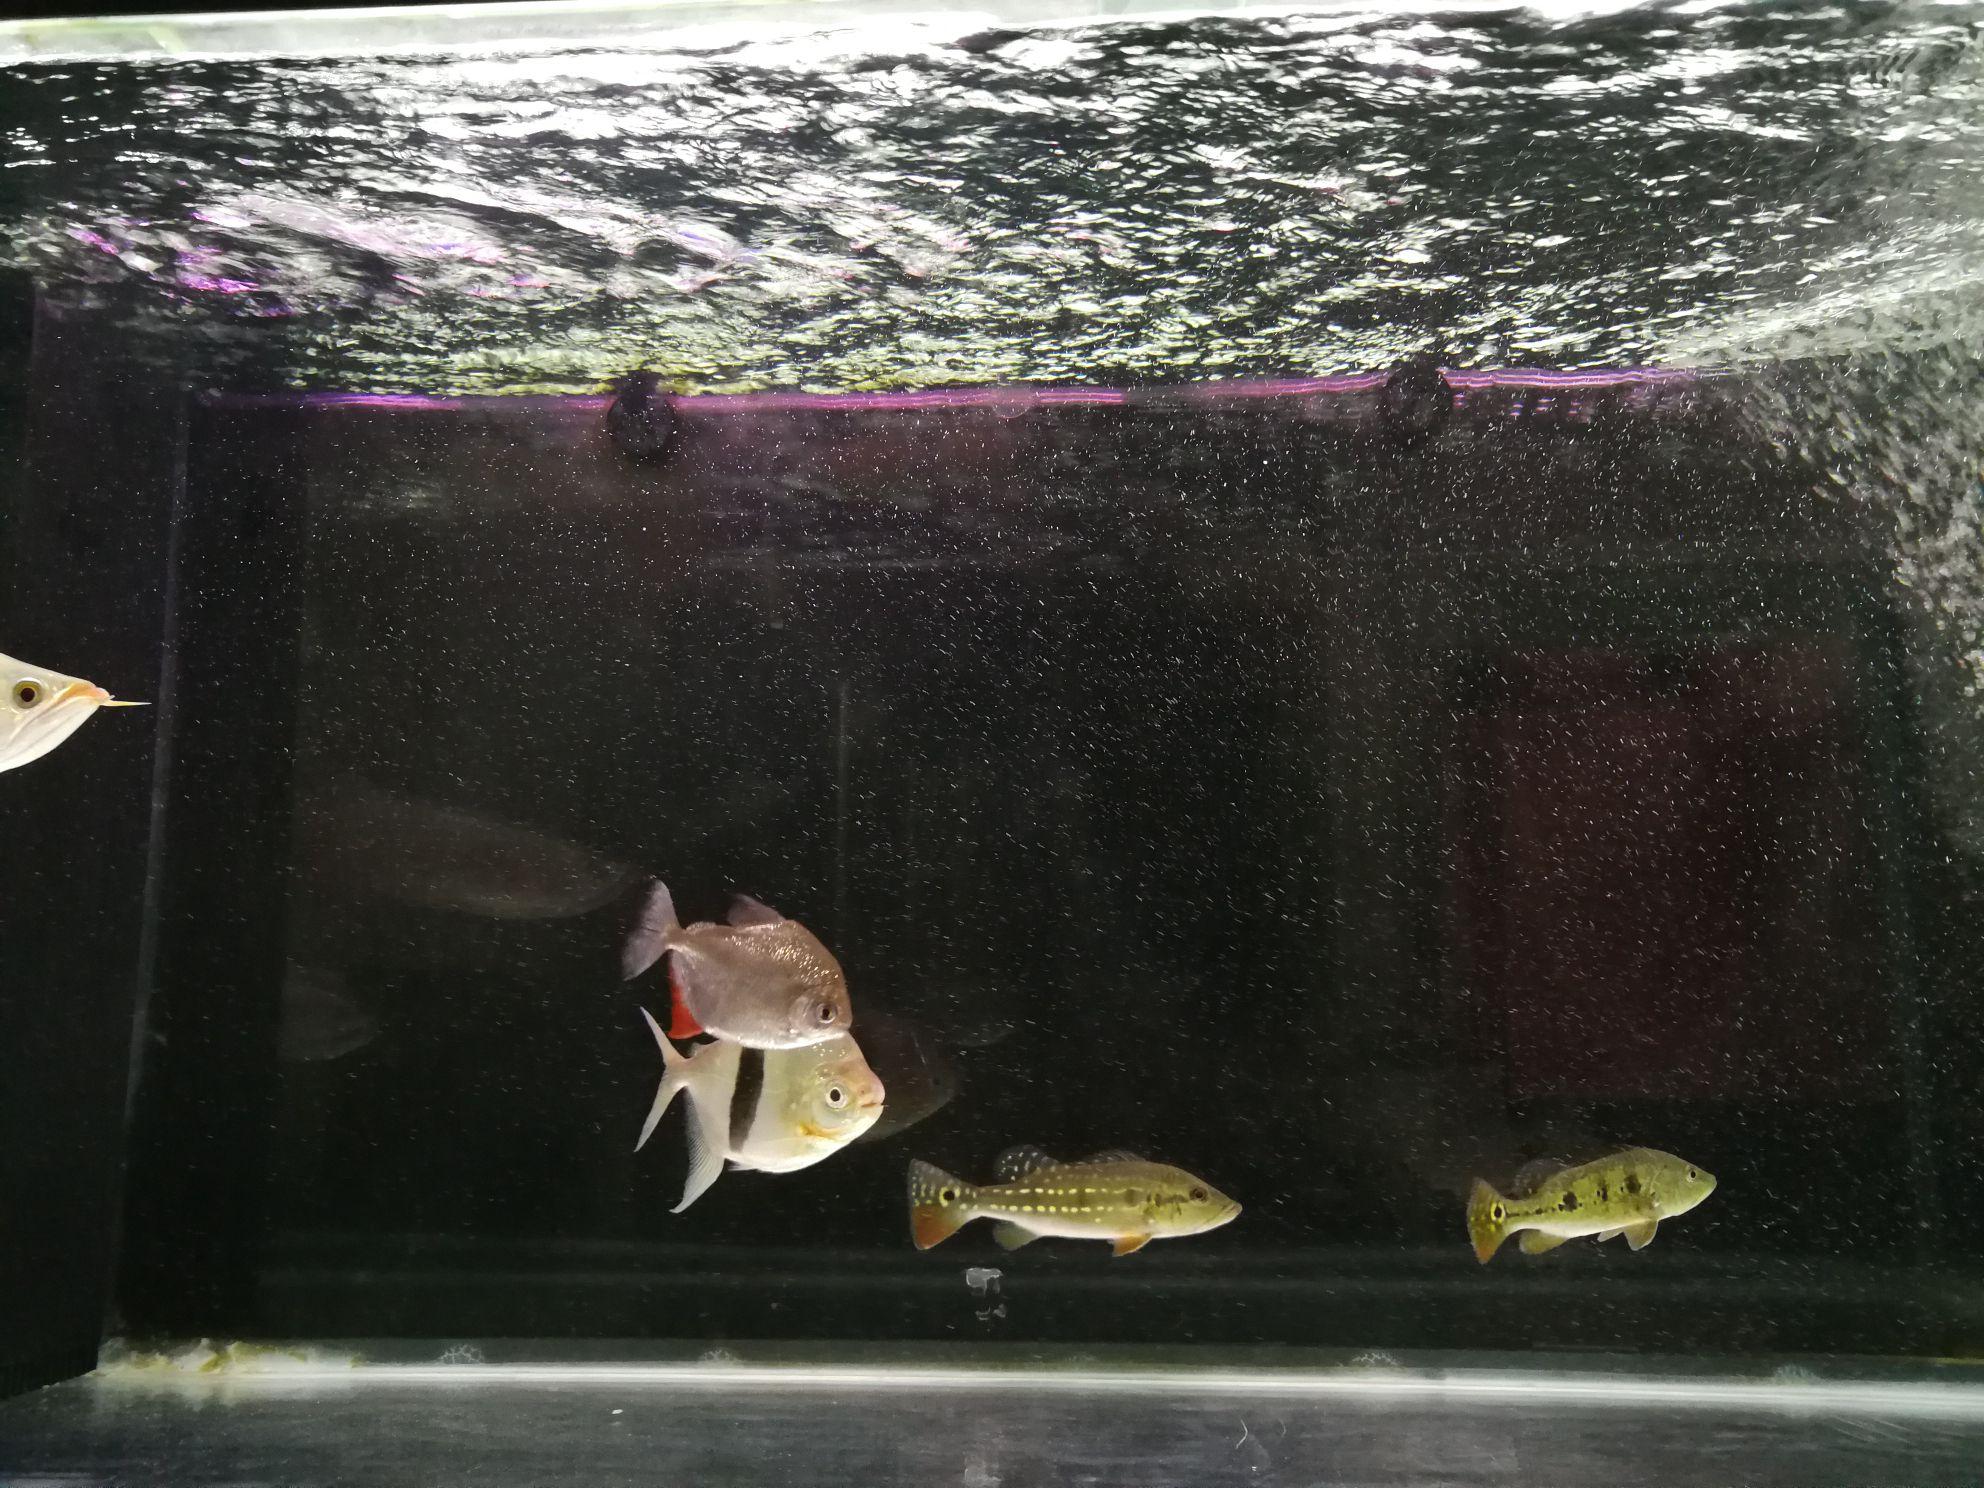 鱼缸里的水有水泡 西安观赏鱼信息 西安博特第2张